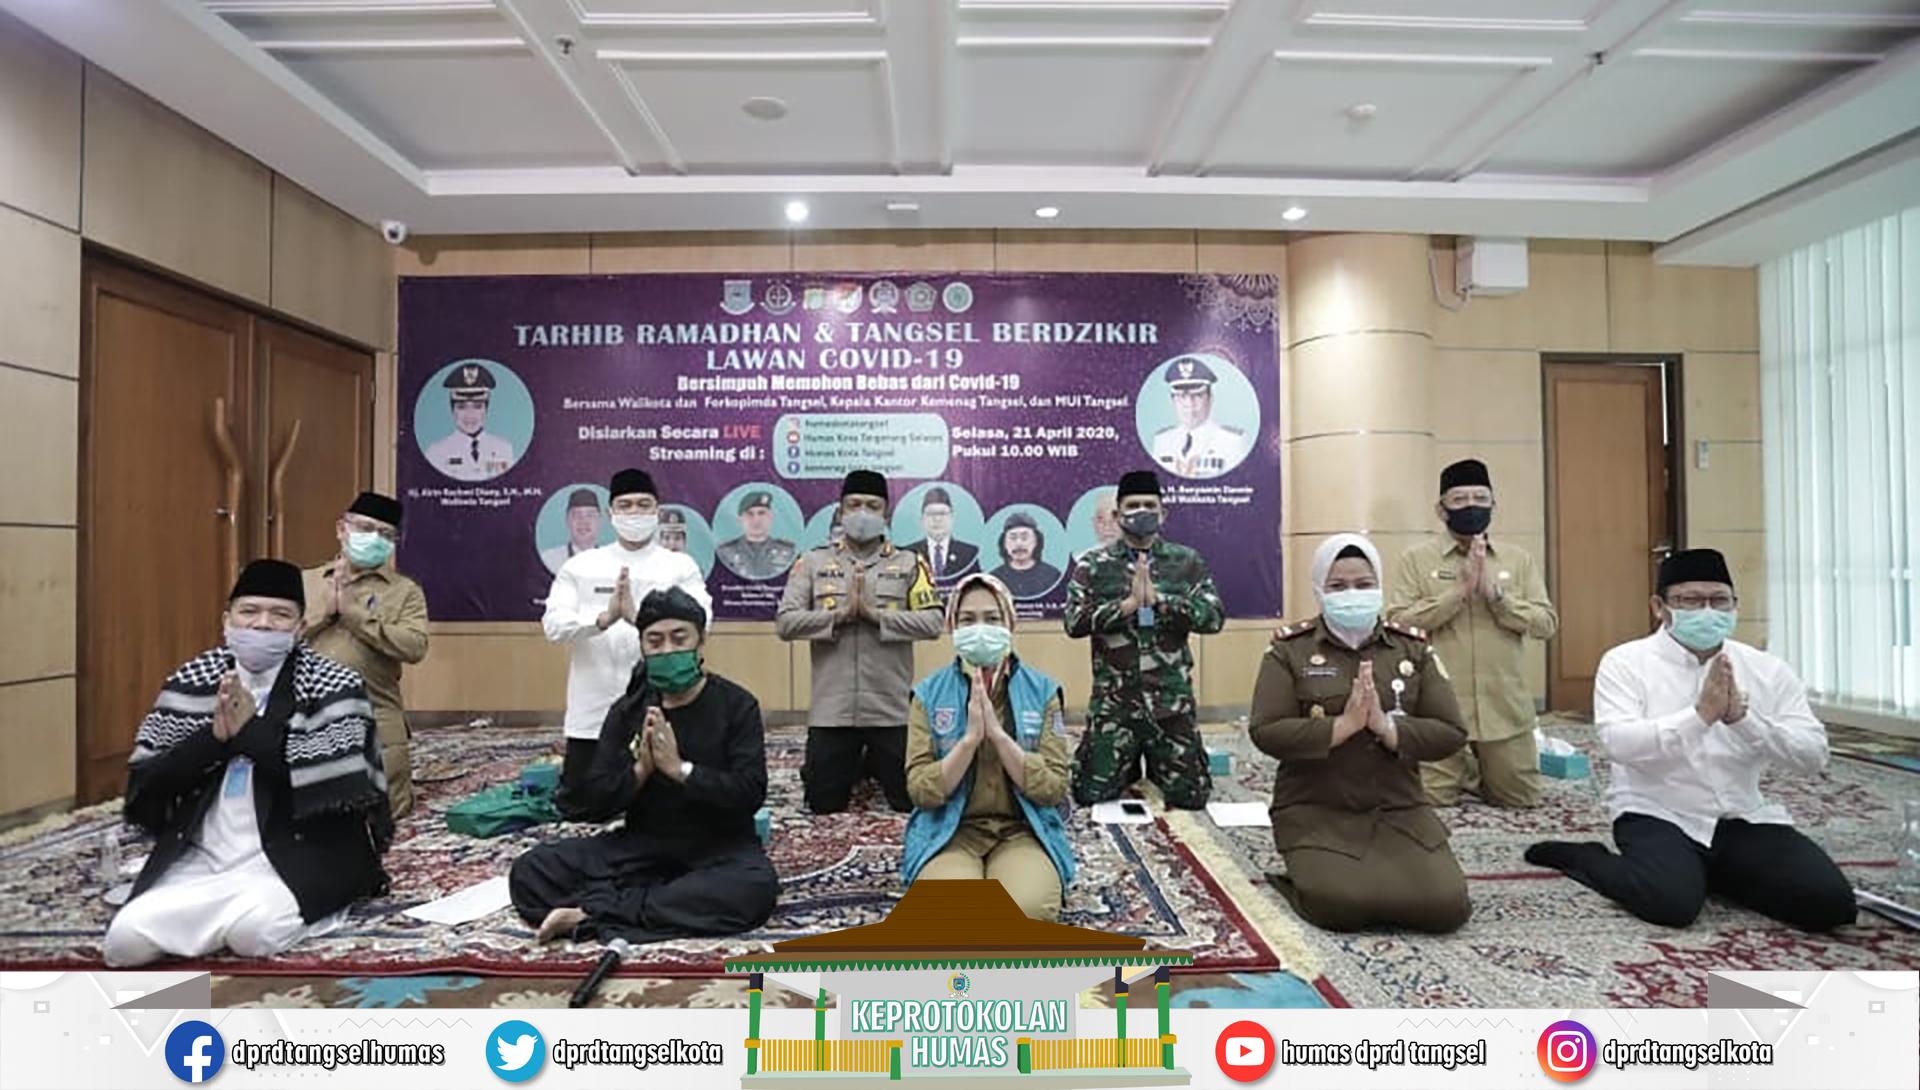 Ketua DPRD Hadiri Tarhib Ramadhan & Tangsel Berdzikir Lawan Covid -19